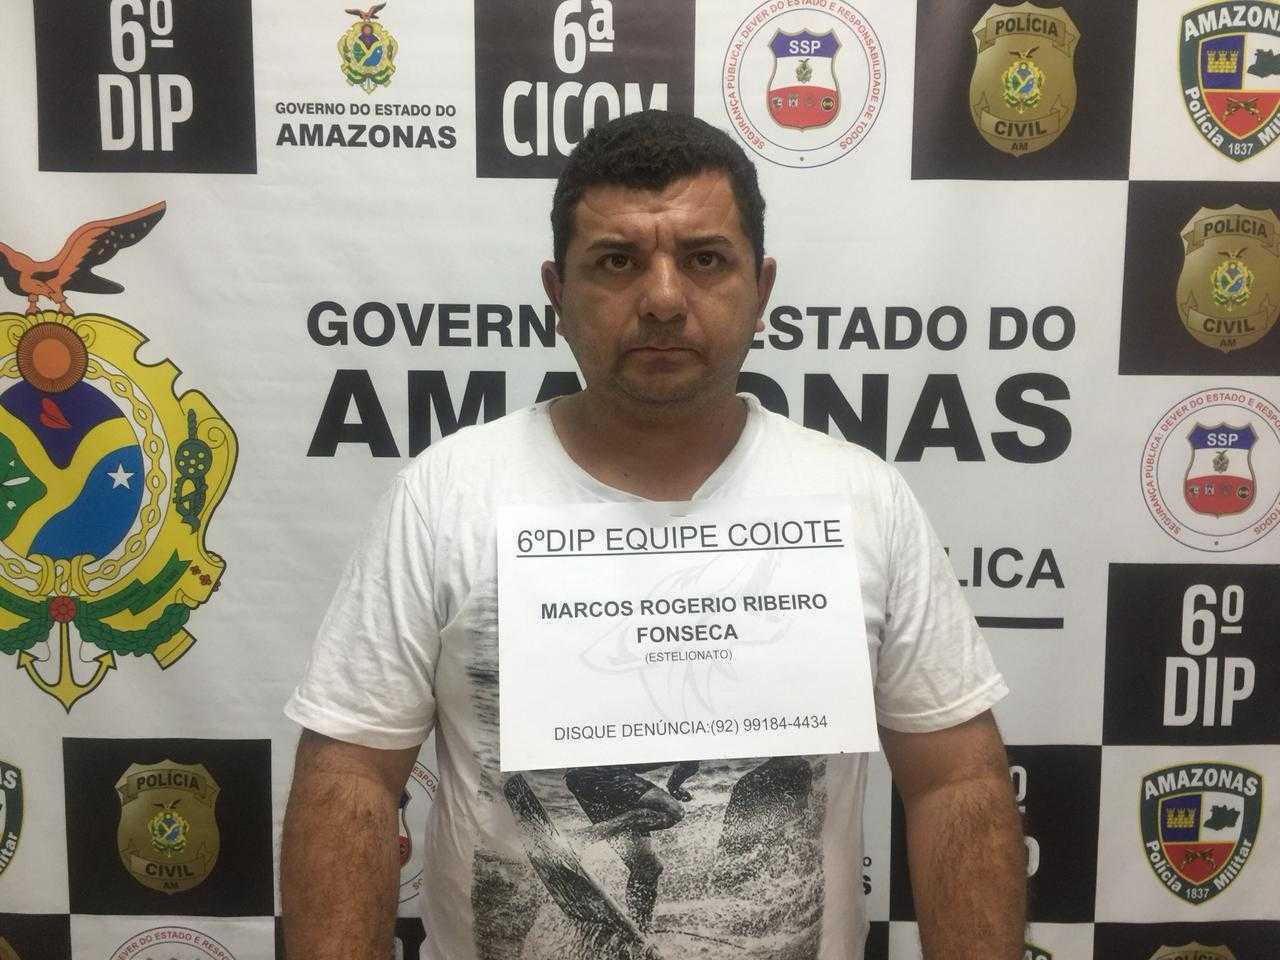 Polícia prende homem suspeito de vender passagens aéreas falsas, no Amazonas - Imagem: Divulgação